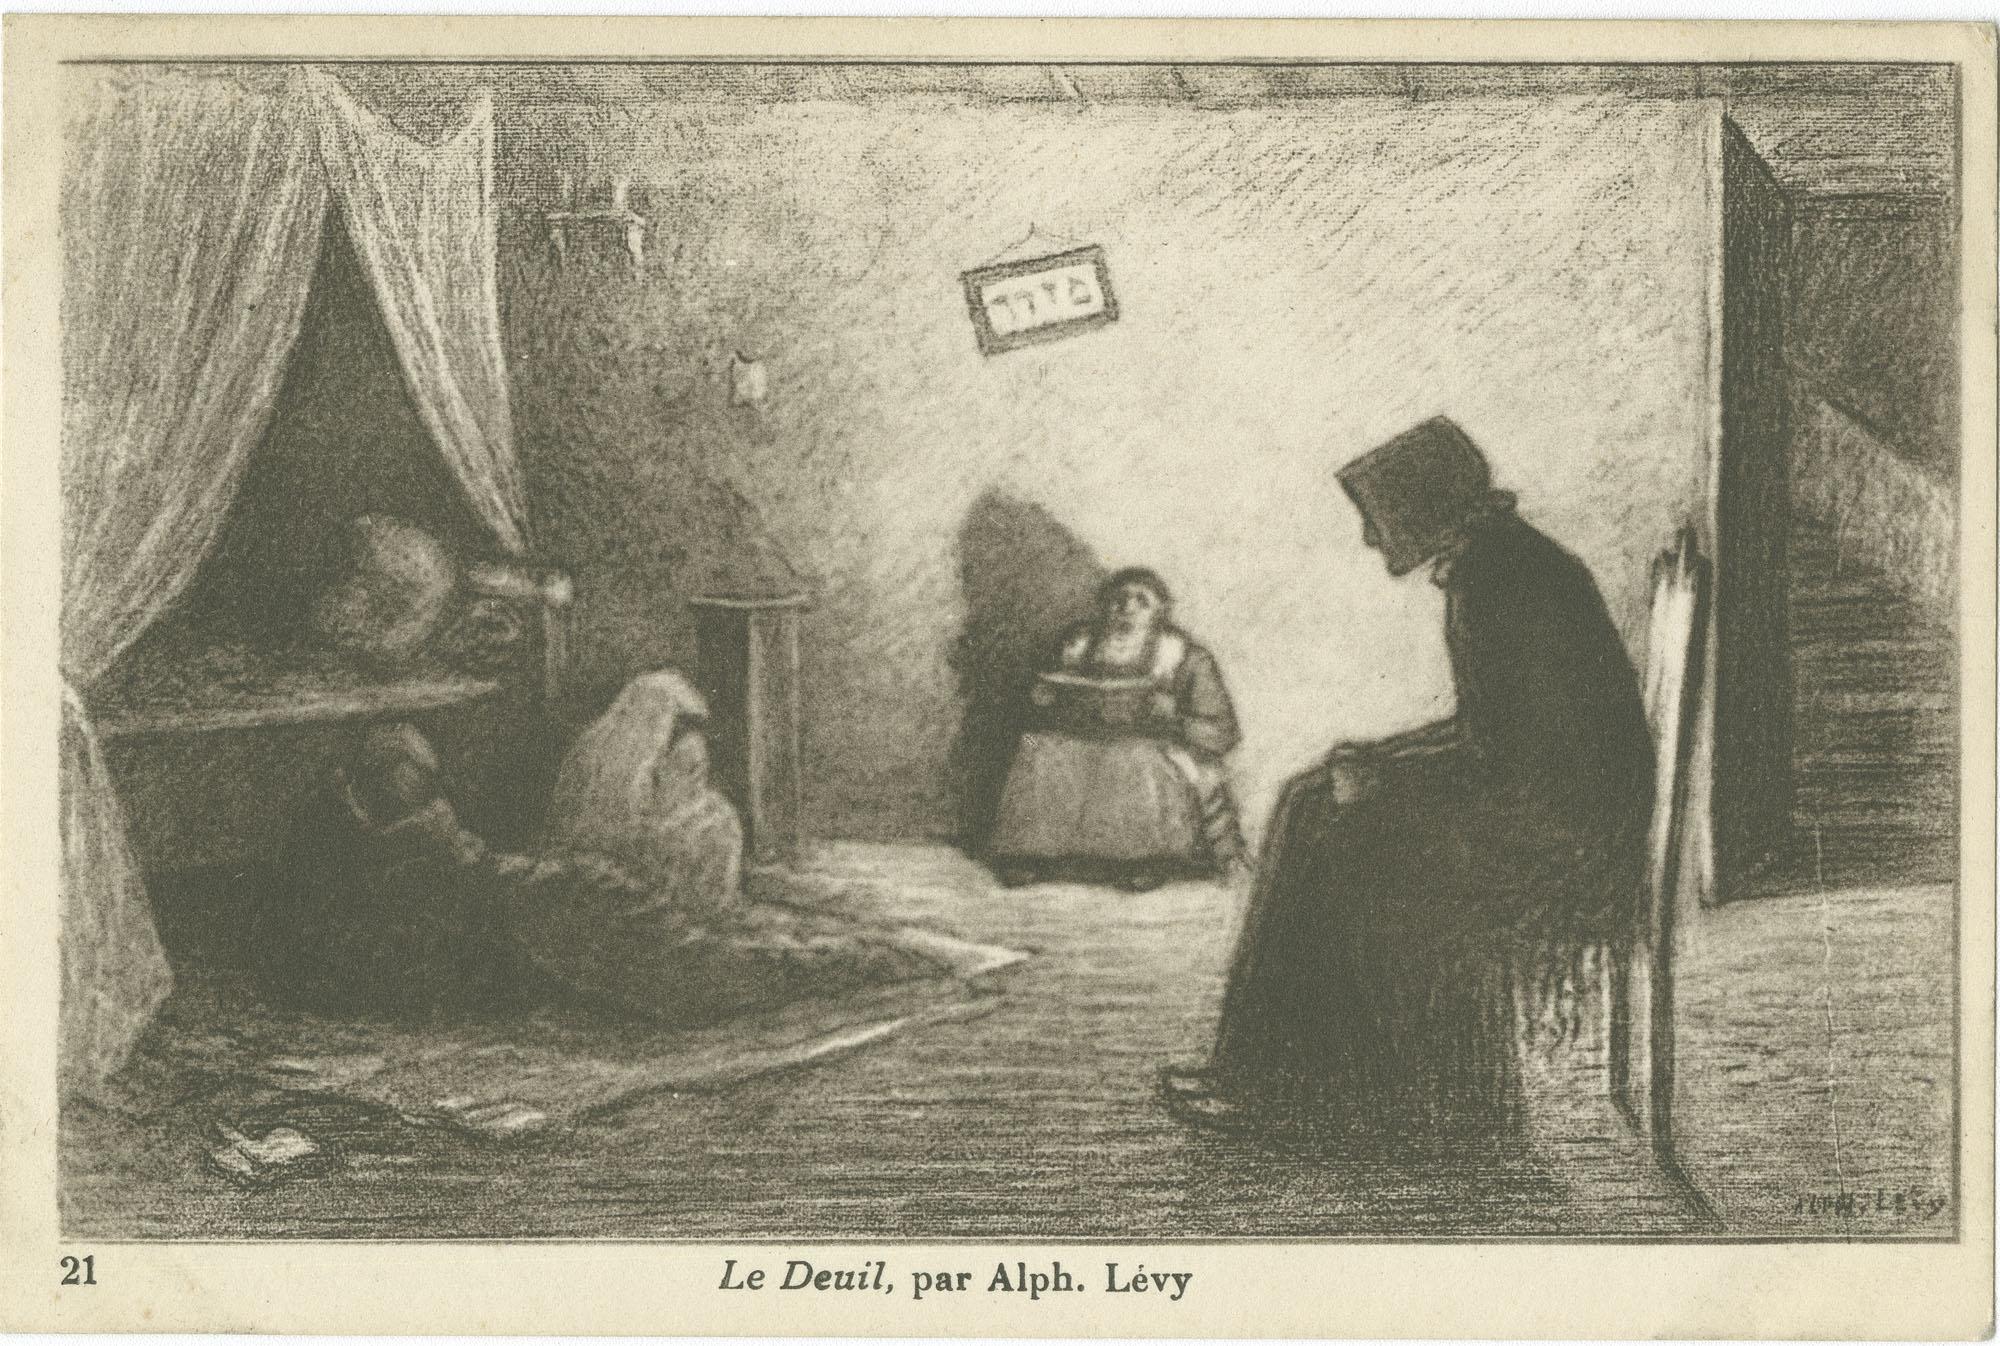 Le Deuil, par Alph. Lévy